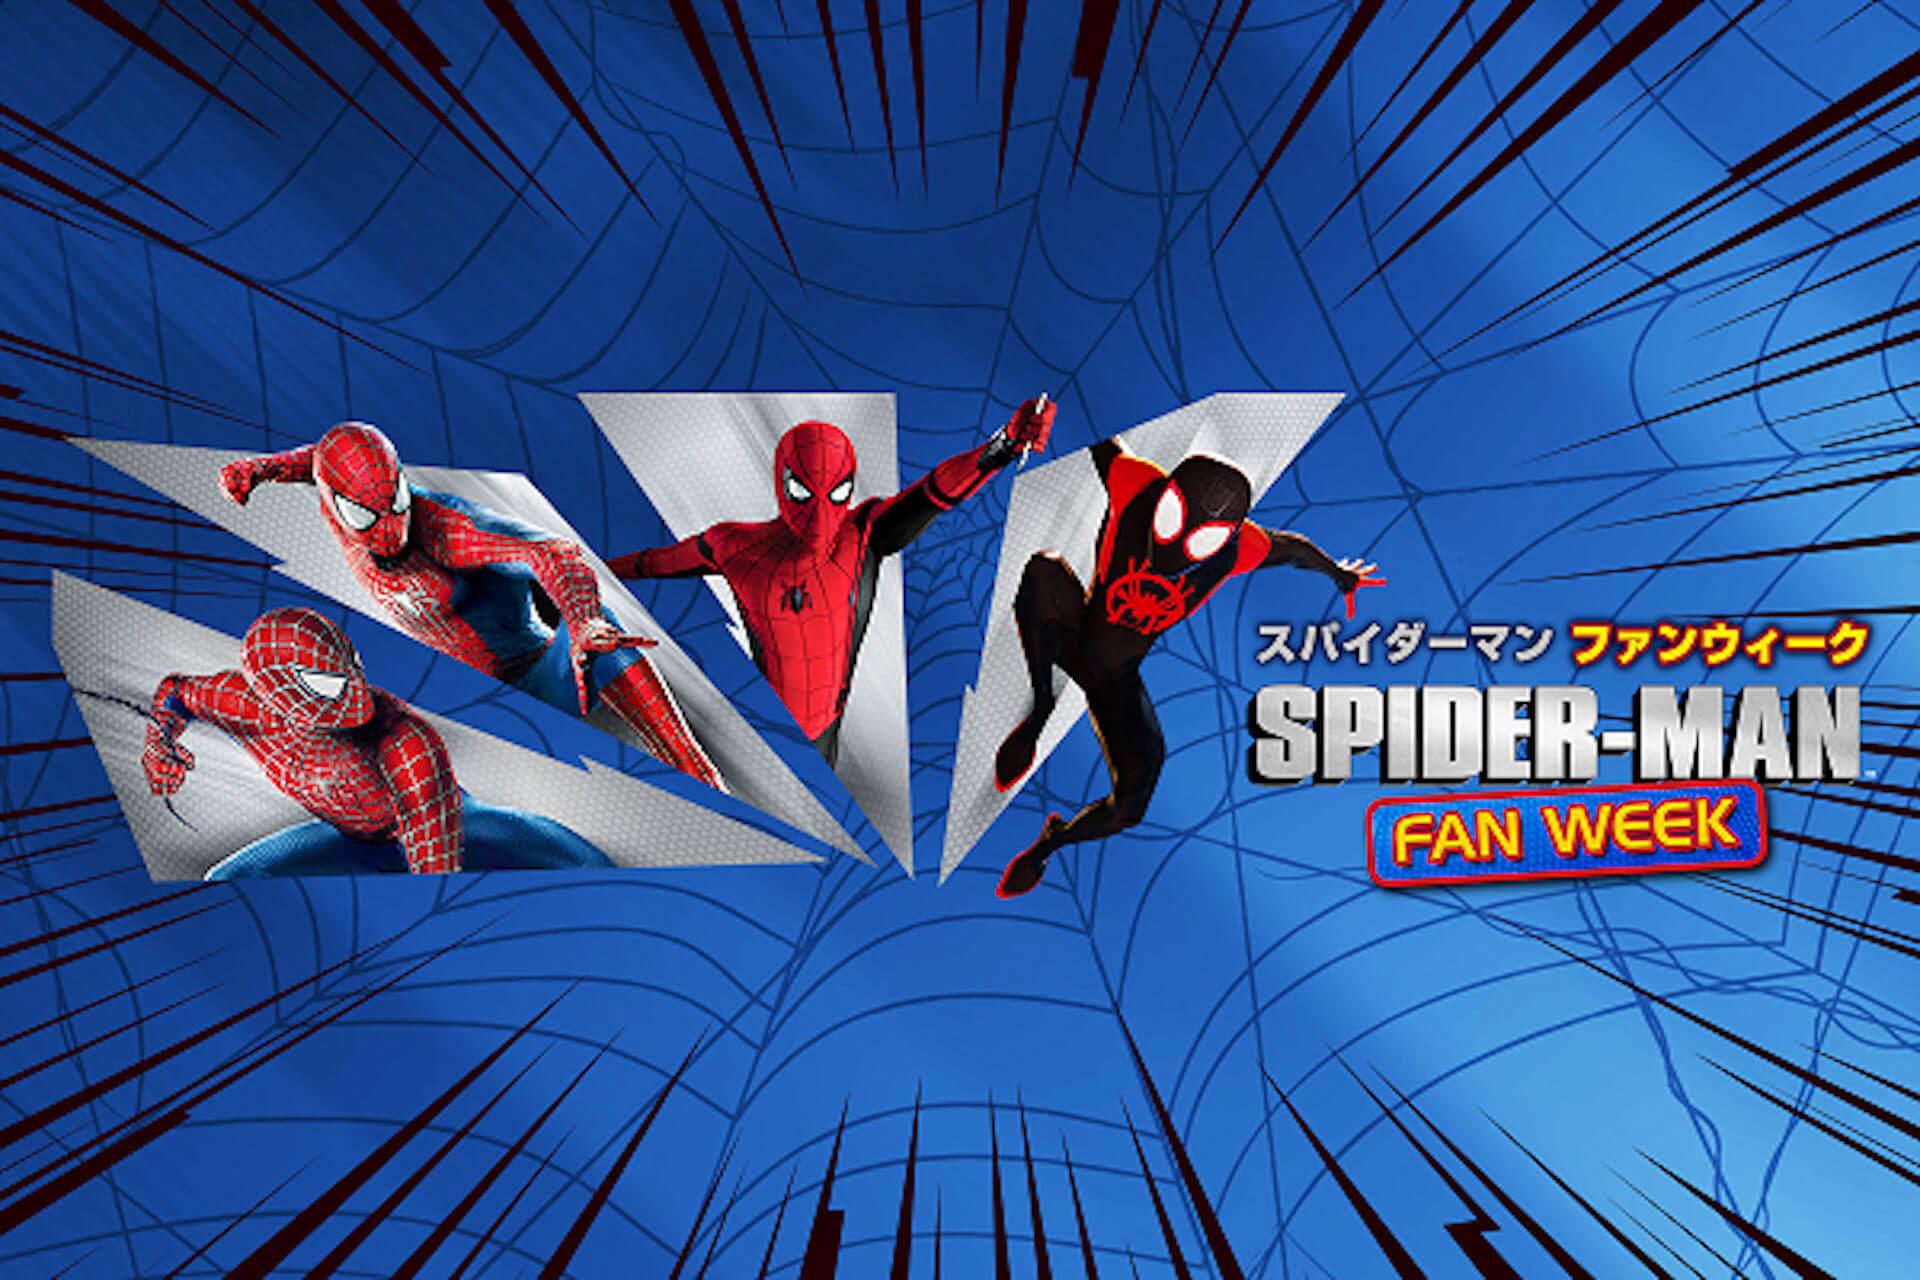 『スパイダーマン』シリーズの一部本編映像&NG映像も解禁!「スパイダーマン ファンウィーク」が本日より開催 flim210728_spiderman_10